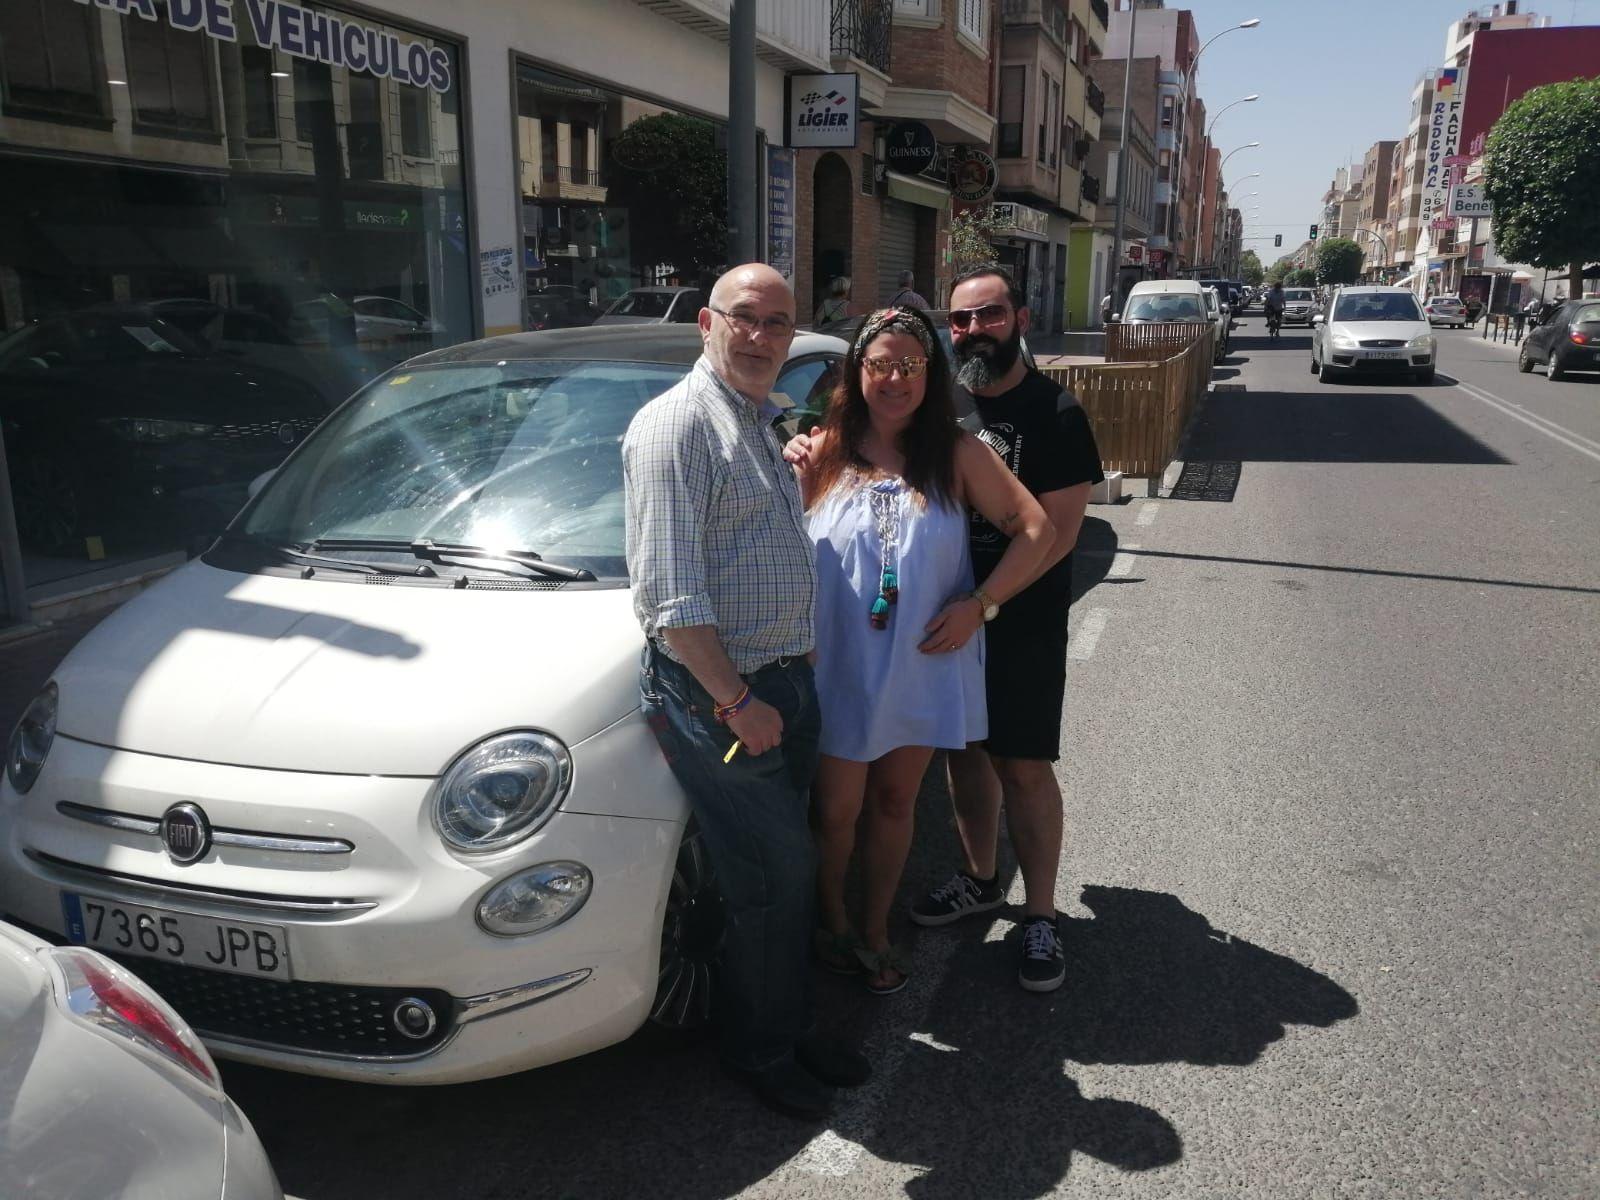 Entrega a Sofia y Emilio de un Fiat 500x